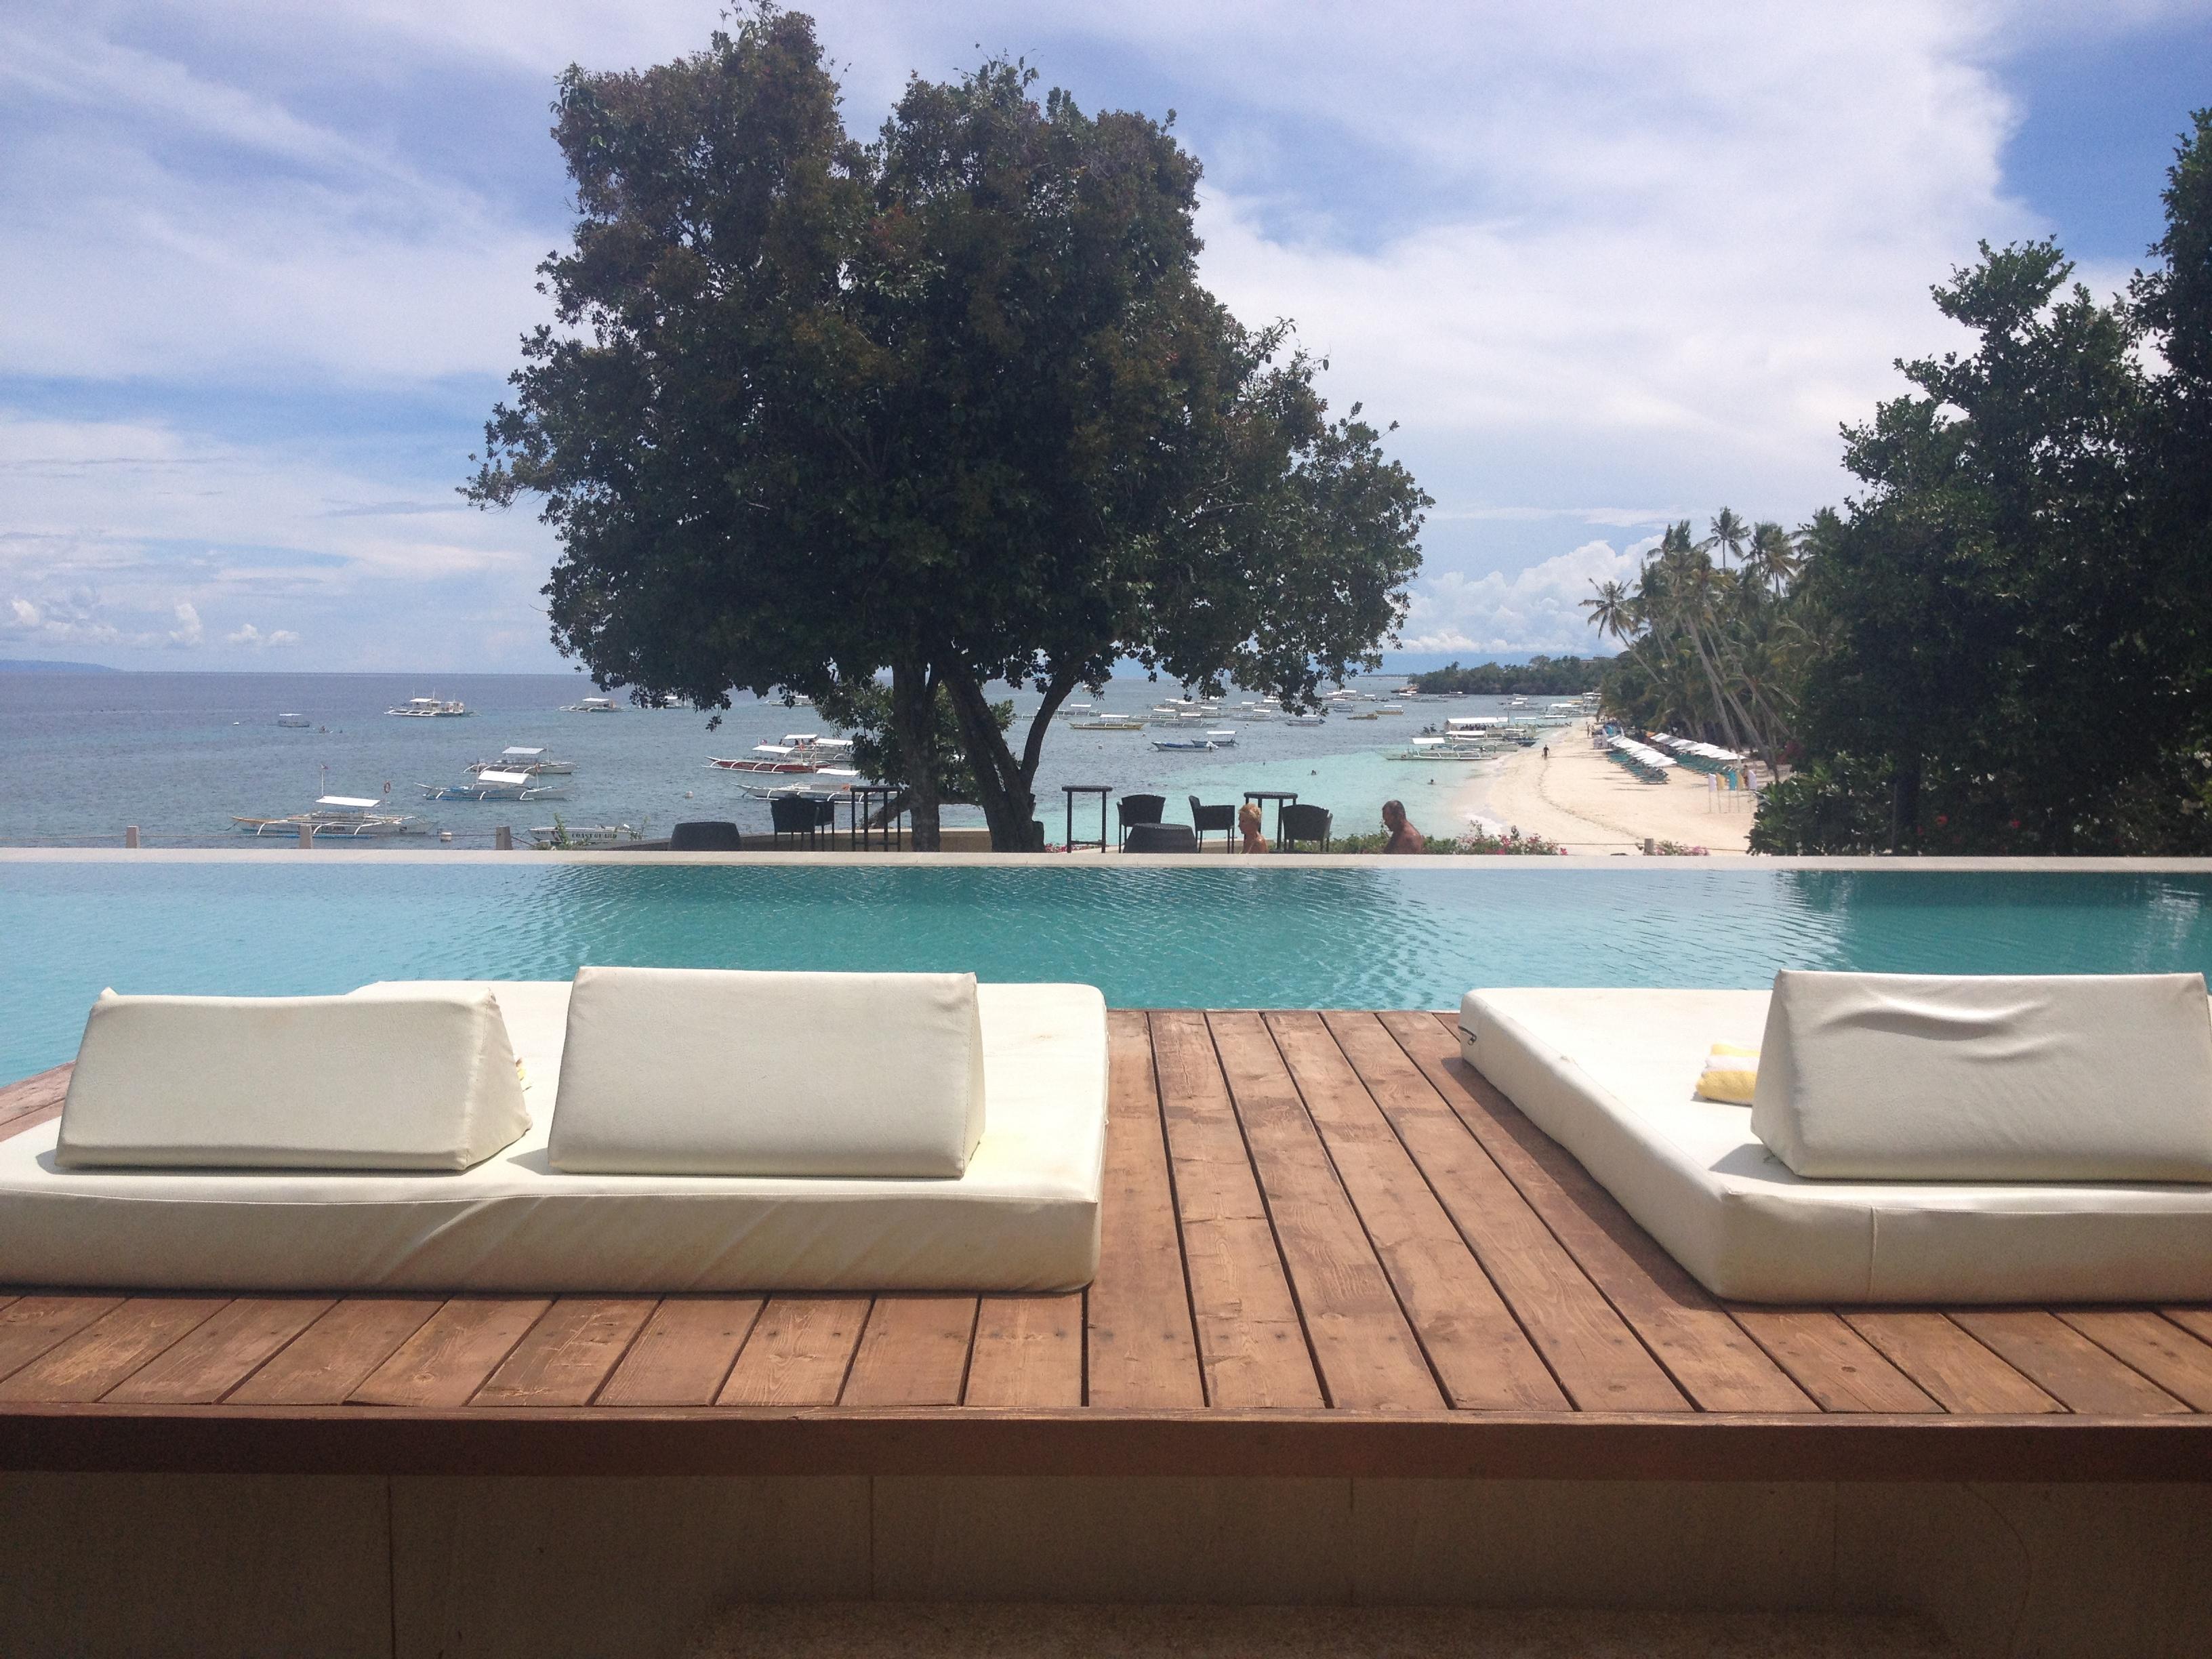 Amorita resort @oltreilbalcone